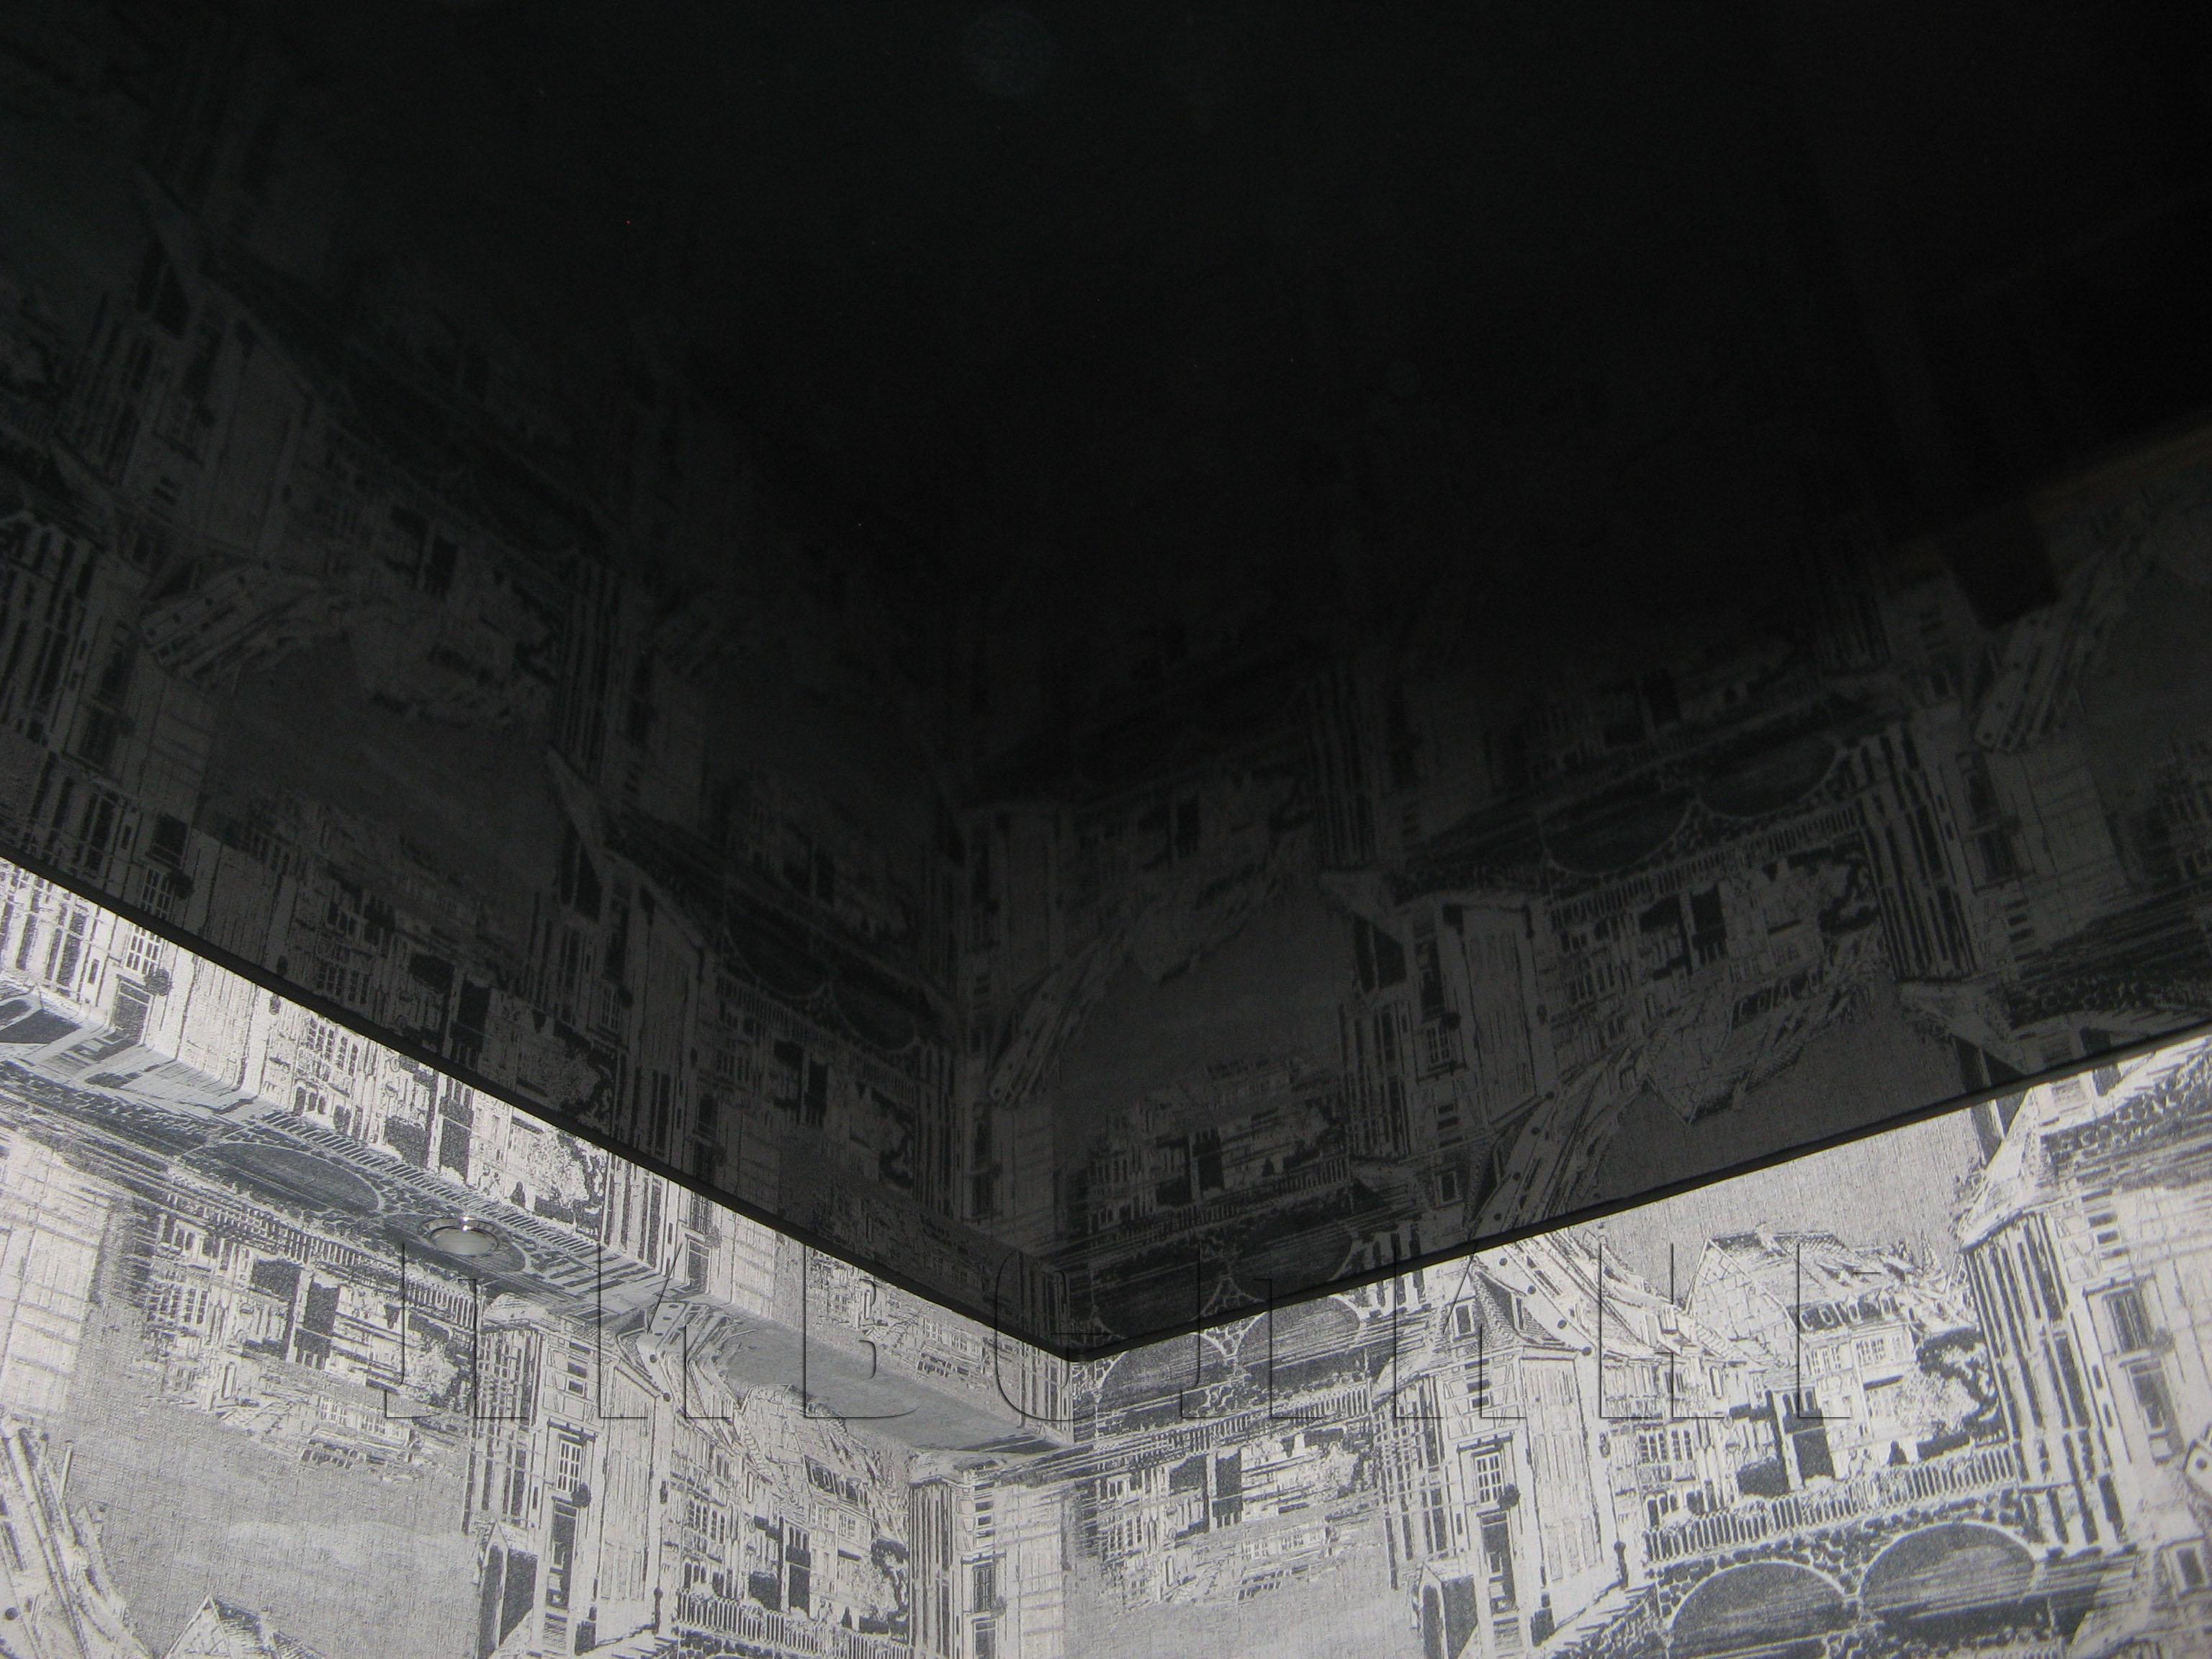 глянцевый чёрный натяжной потолок фото